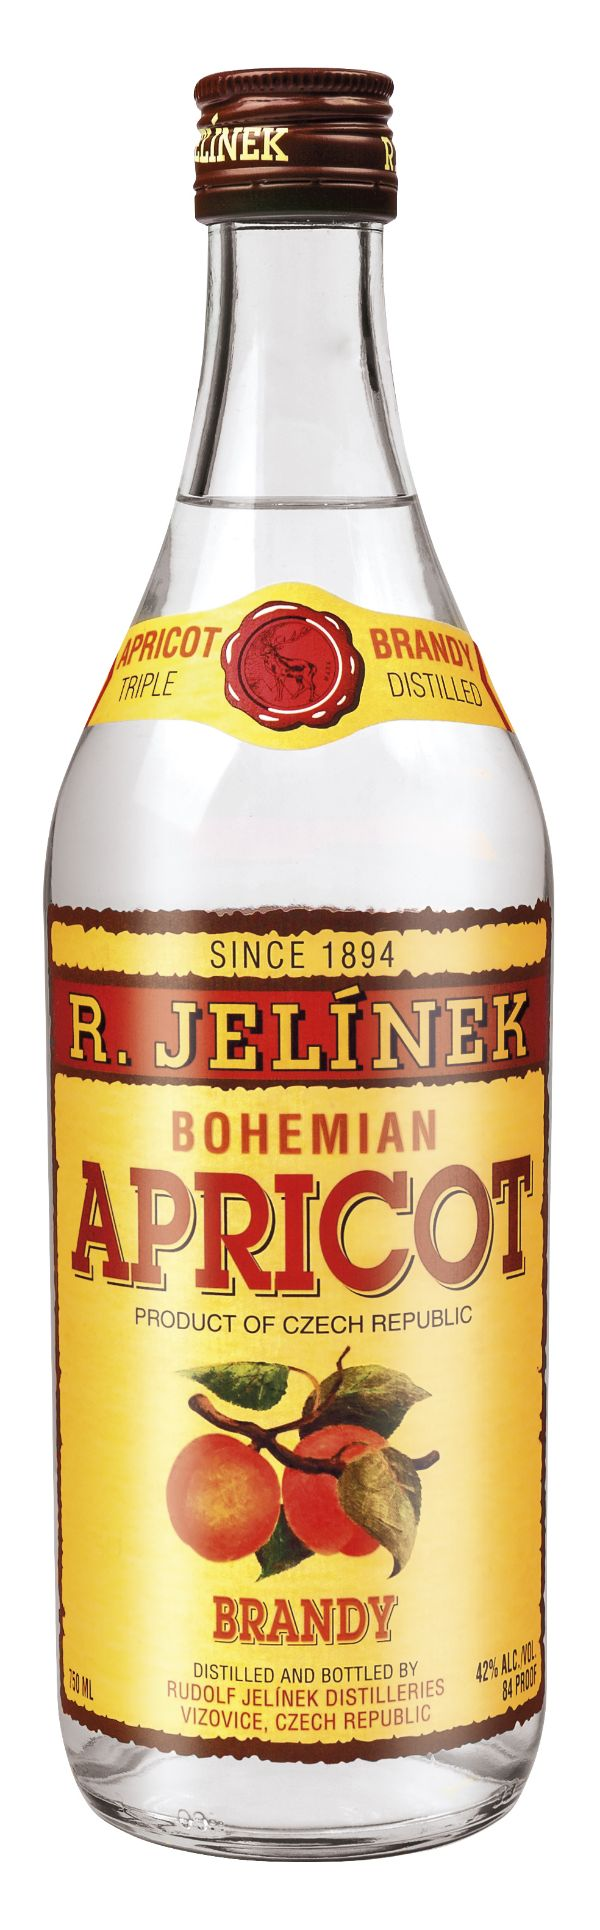 R. Jelinek Bohemia Apricot Brandy